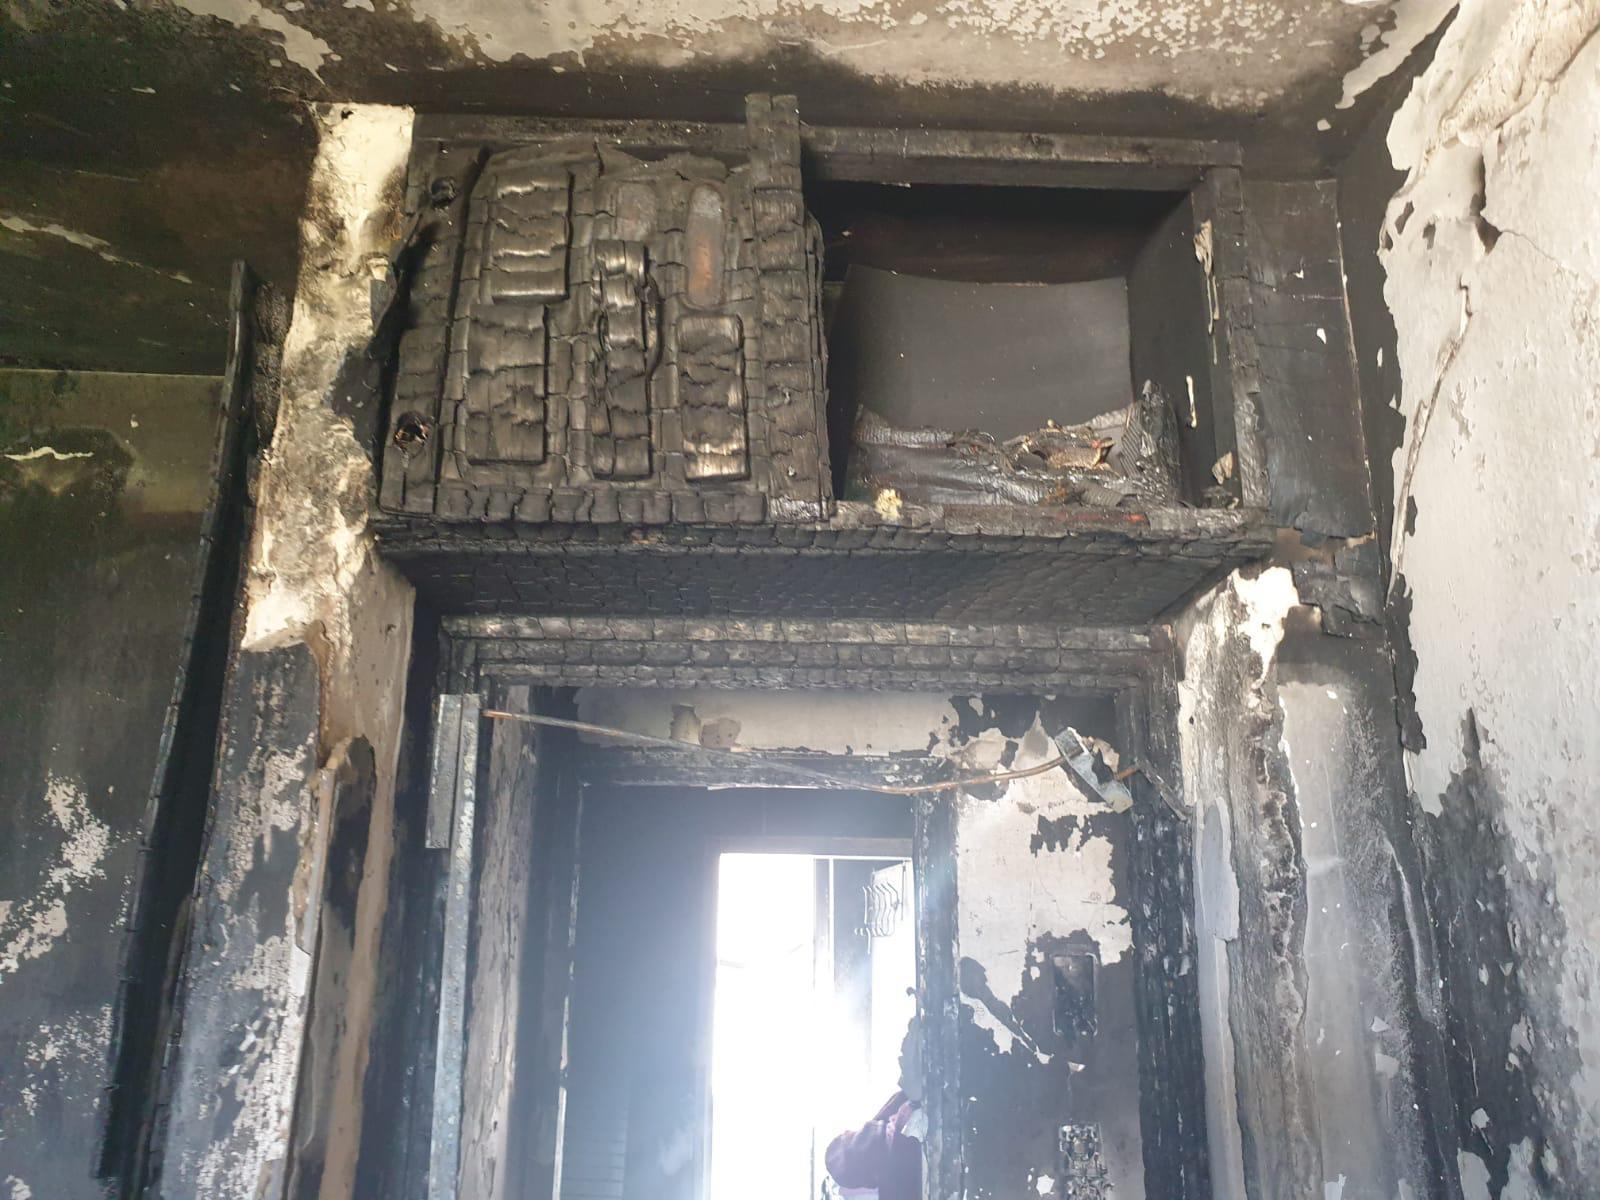 הדירה שנשרפה (צילום: דוברות שירותי הכבאות וההצלה)